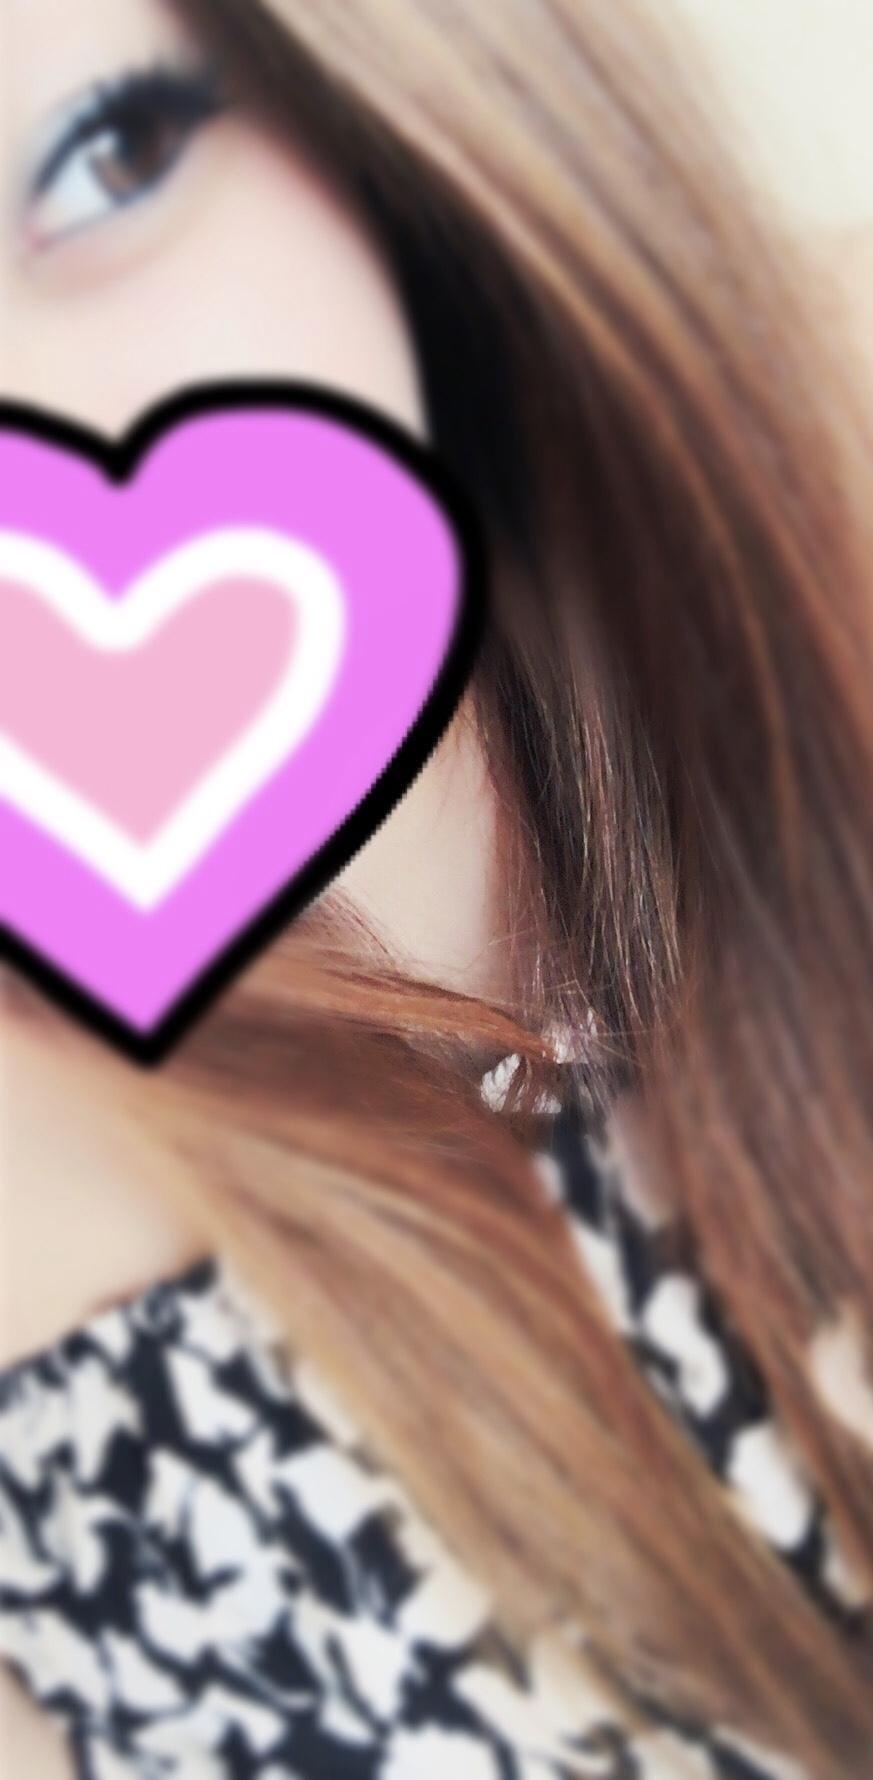 「おはよっ♡」10/19(金) 22:03 | みきの写メ・風俗動画